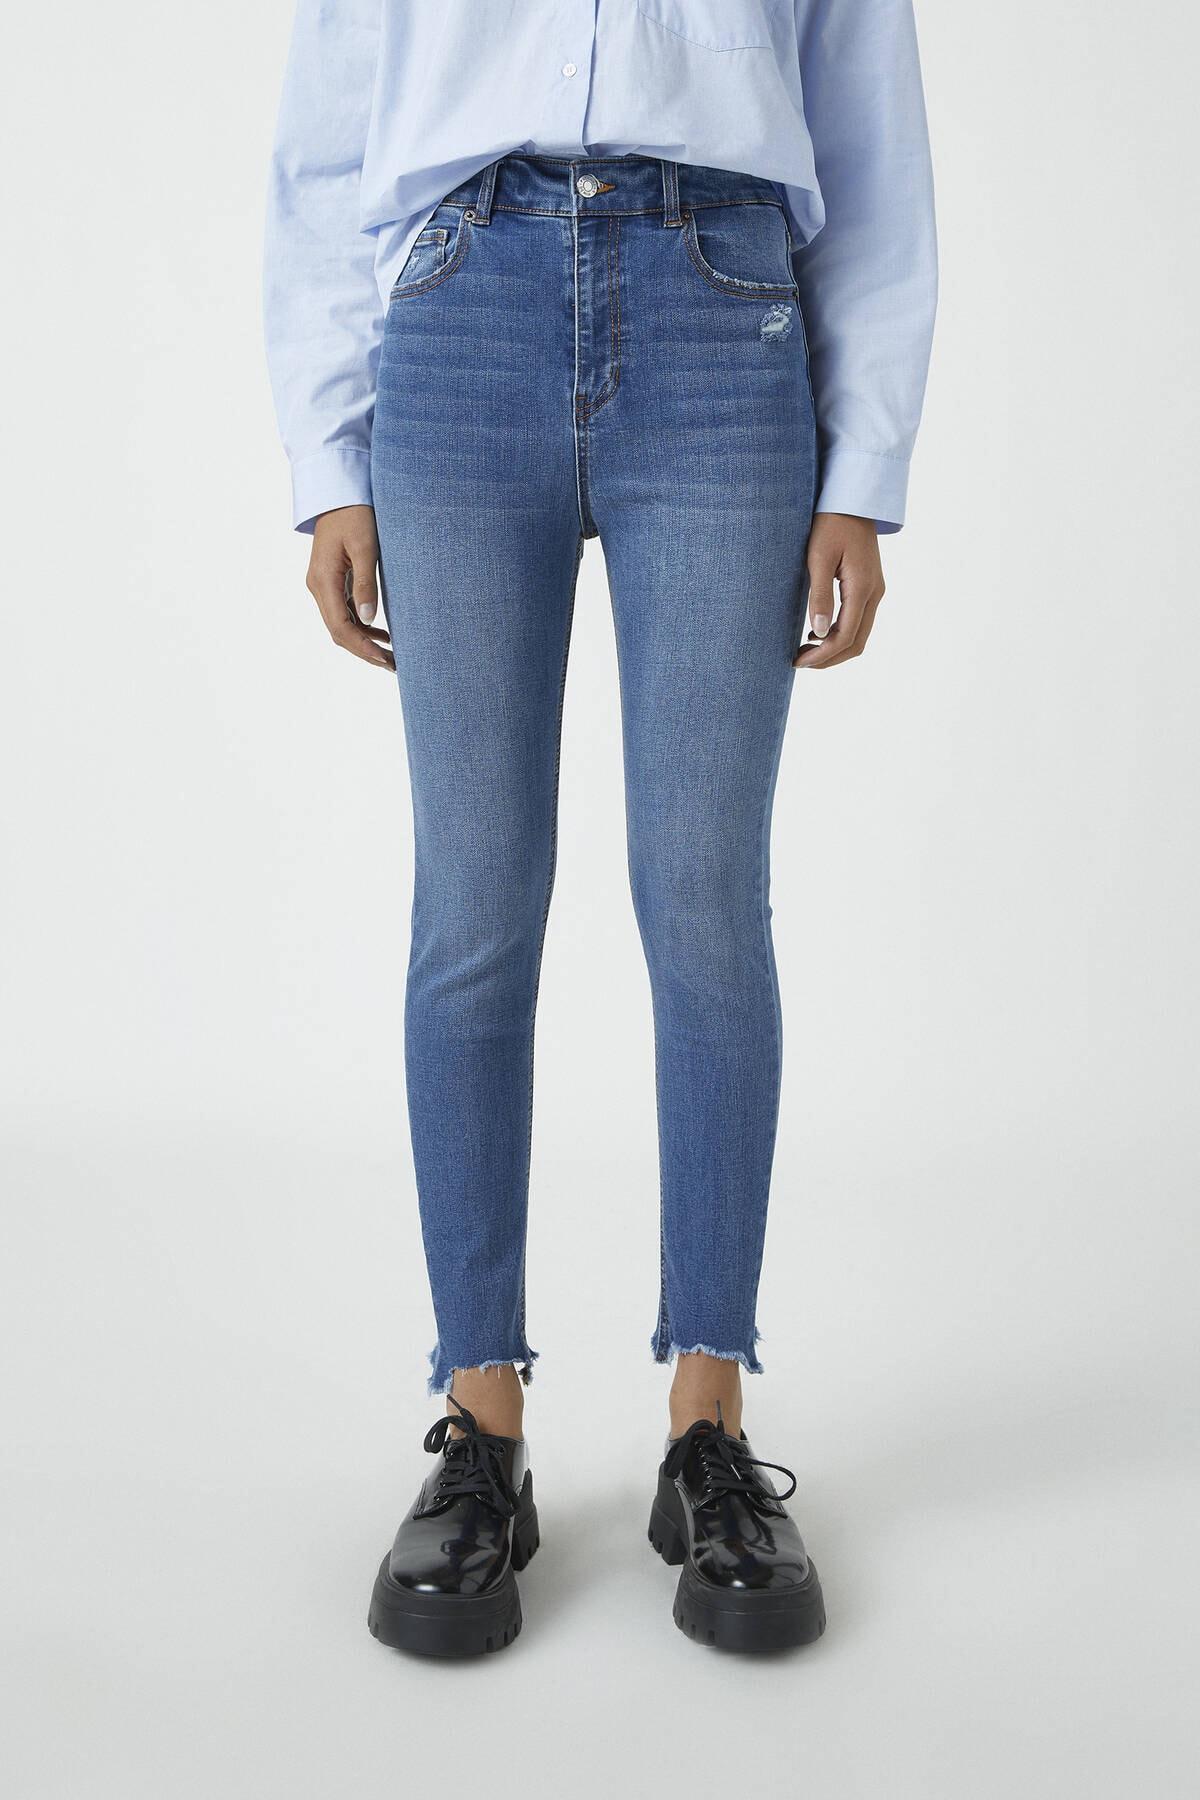 Pull & Bear Kadın Orta Mavi Yüksek Bel Skinny Fit Kapri Jean 09689301 2